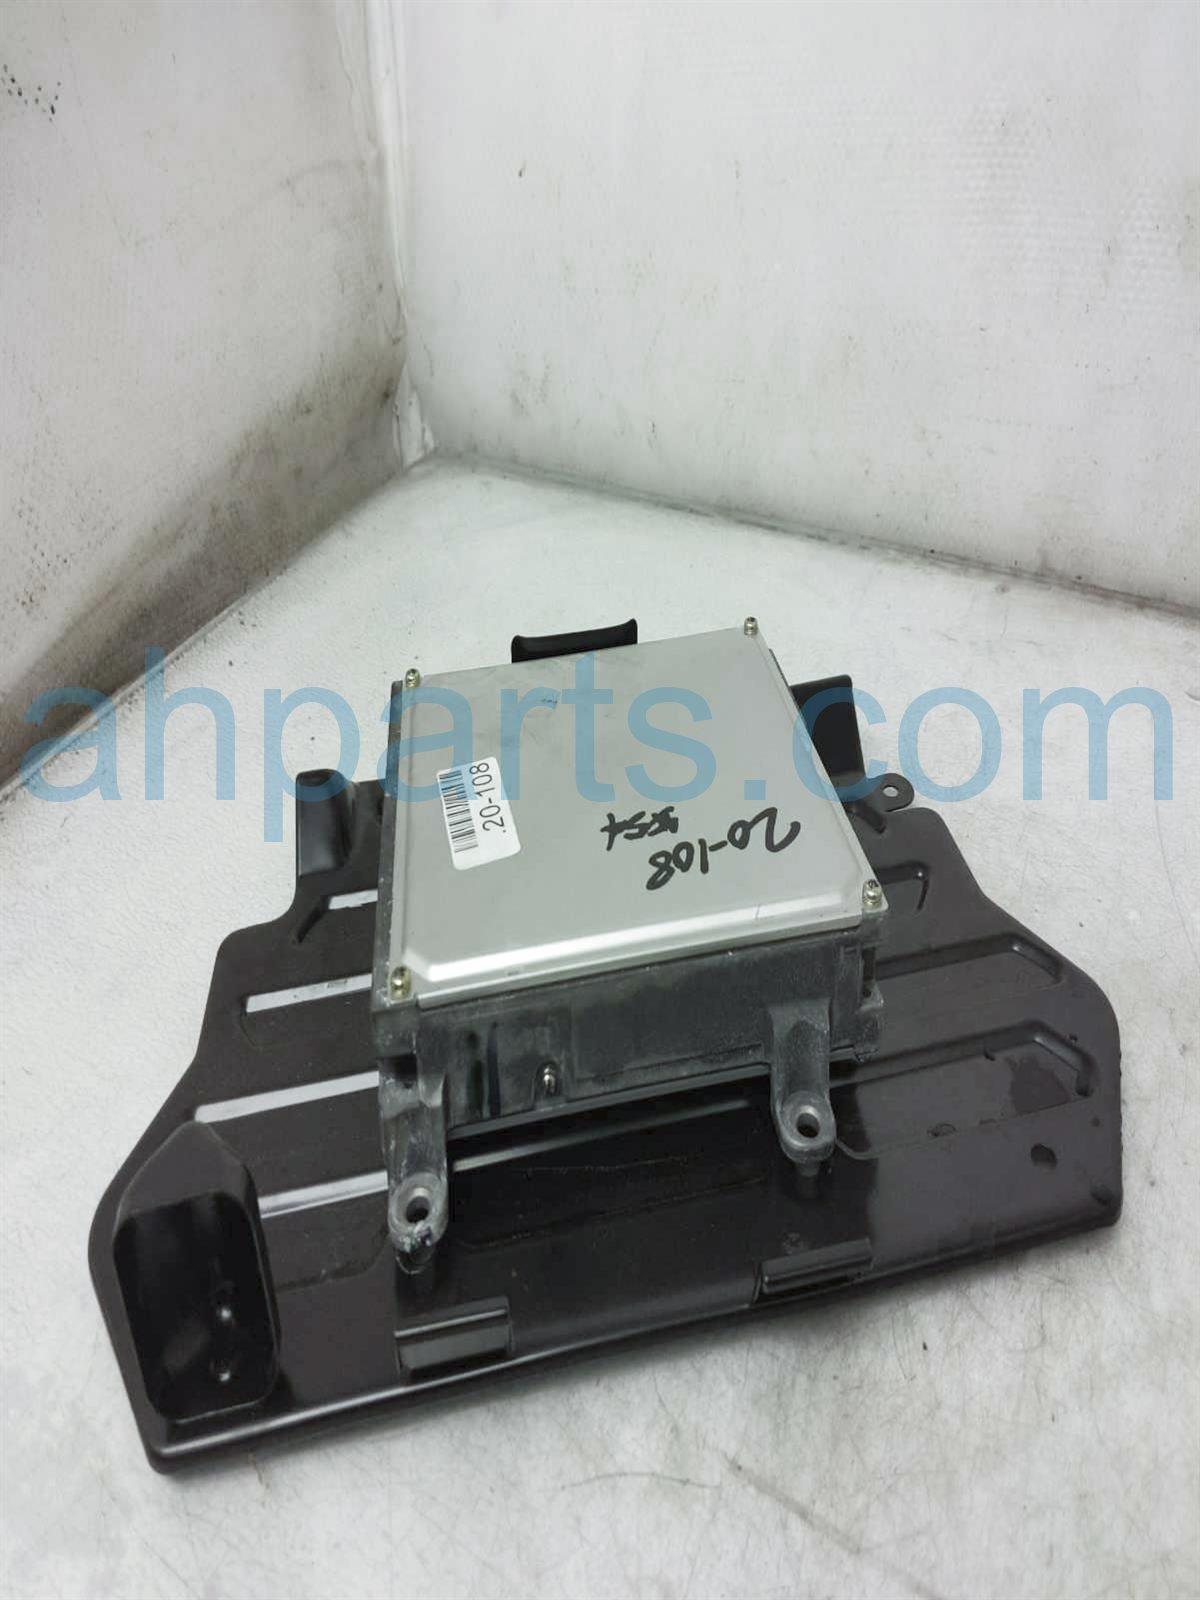 2003 Honda Insight Engine Ecu Control / Computer Pcm Module 37820 PHM A54 Replacement